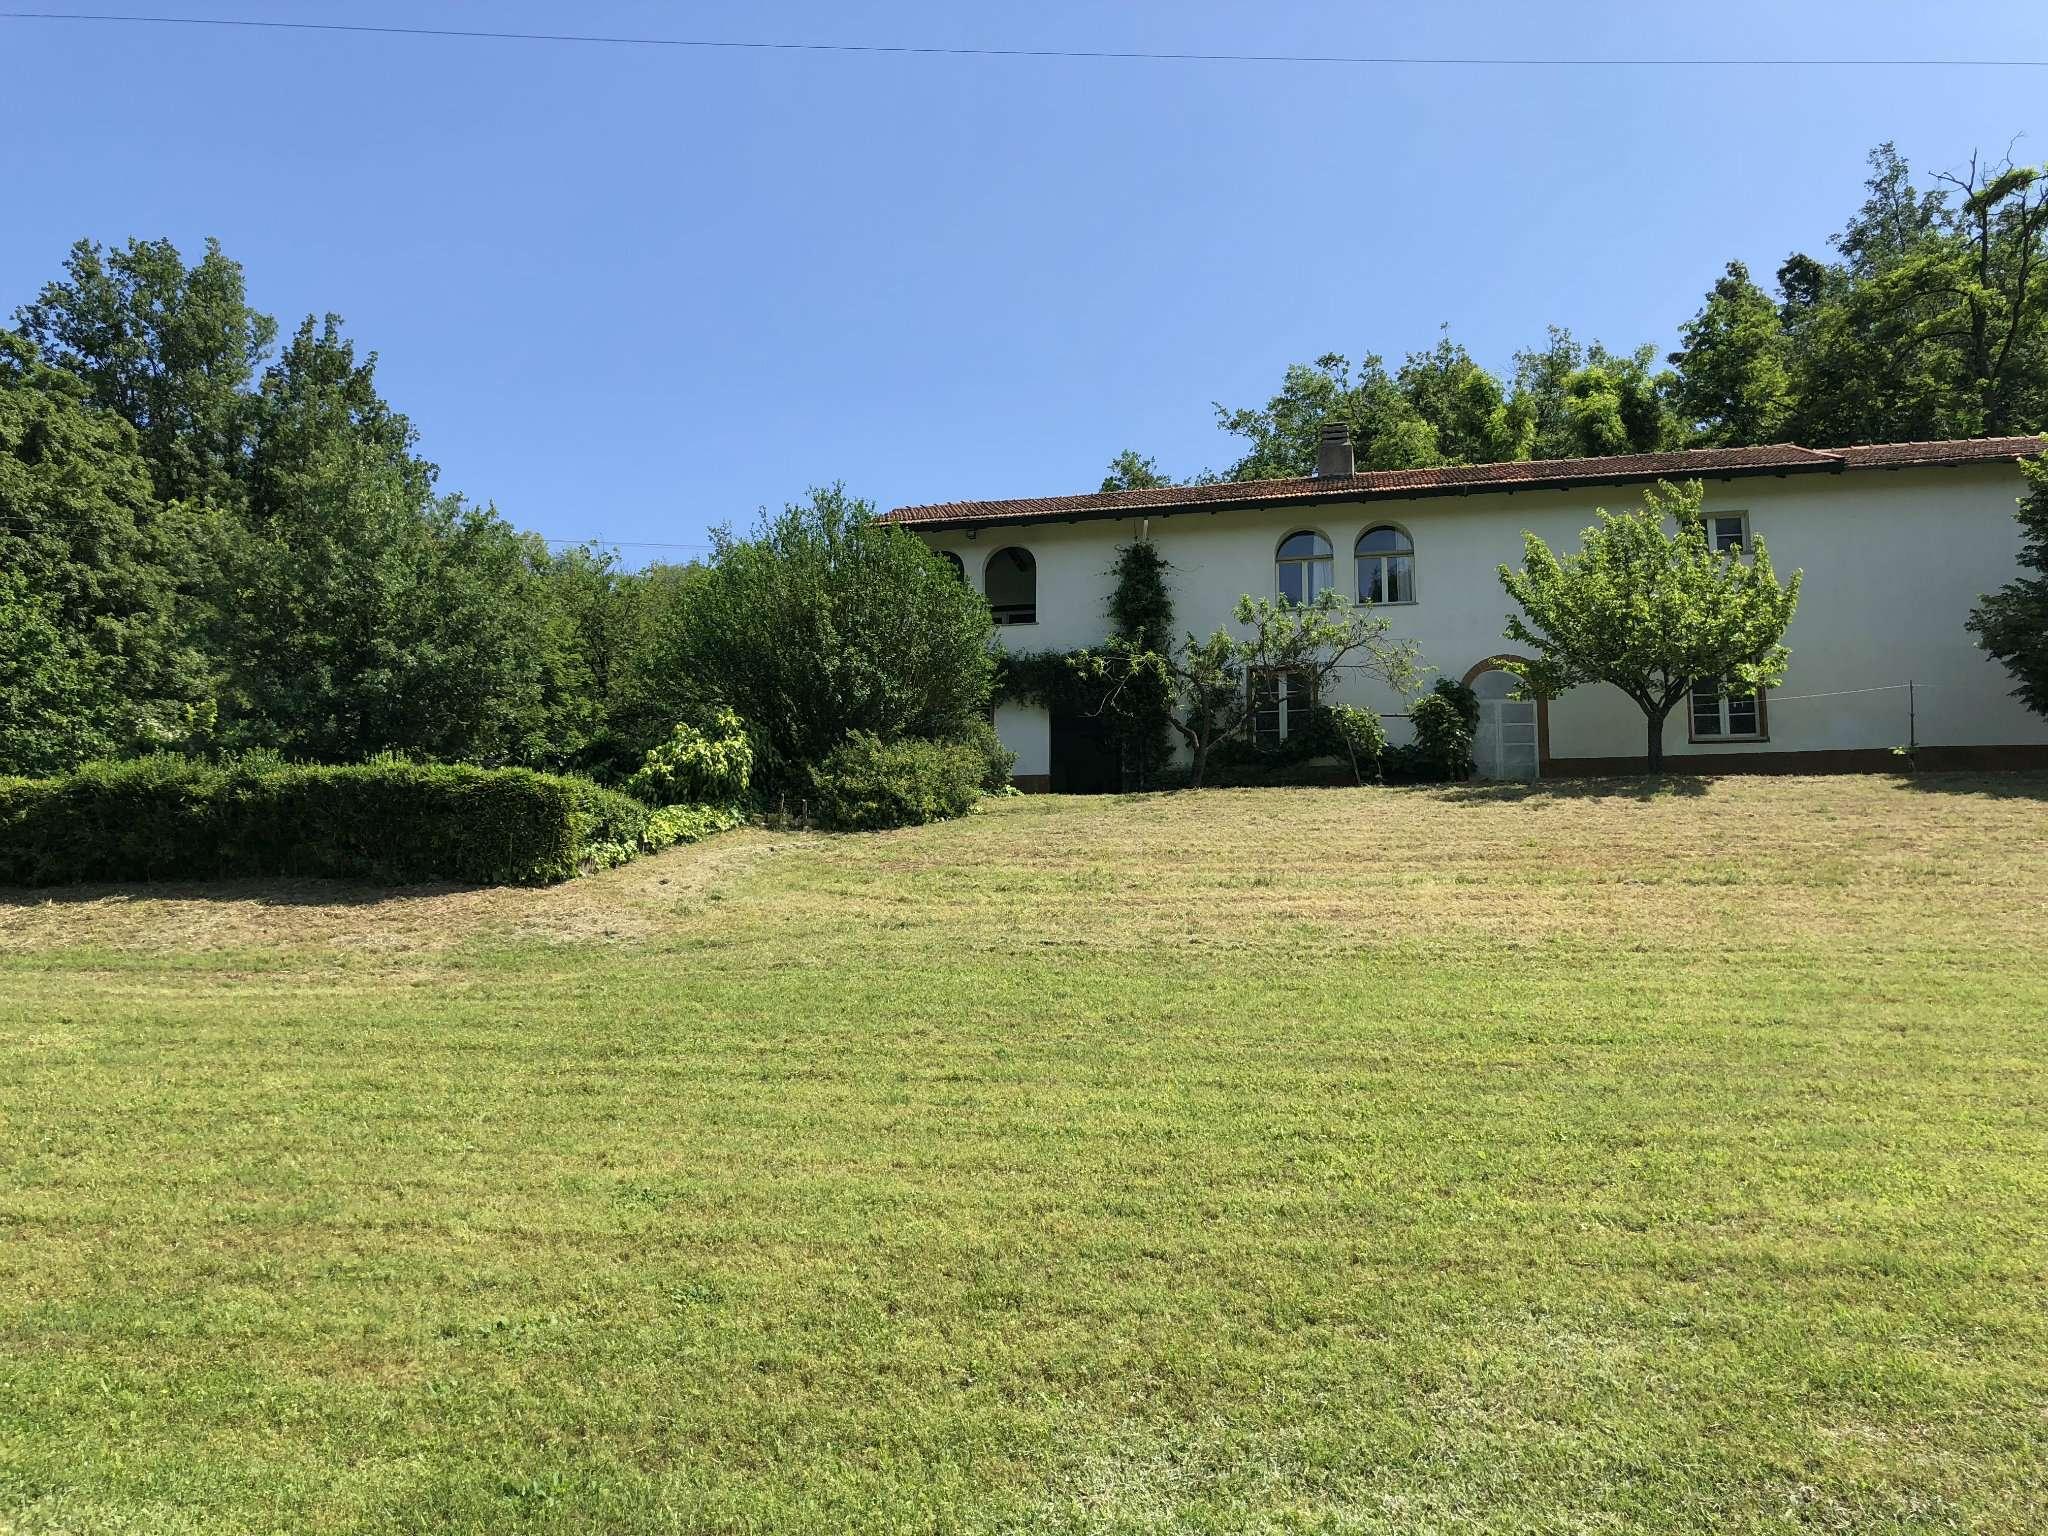 Villa in vendita a Serravalle Scrivia, 9999 locali, prezzo € 900.000 | PortaleAgenzieImmobiliari.it